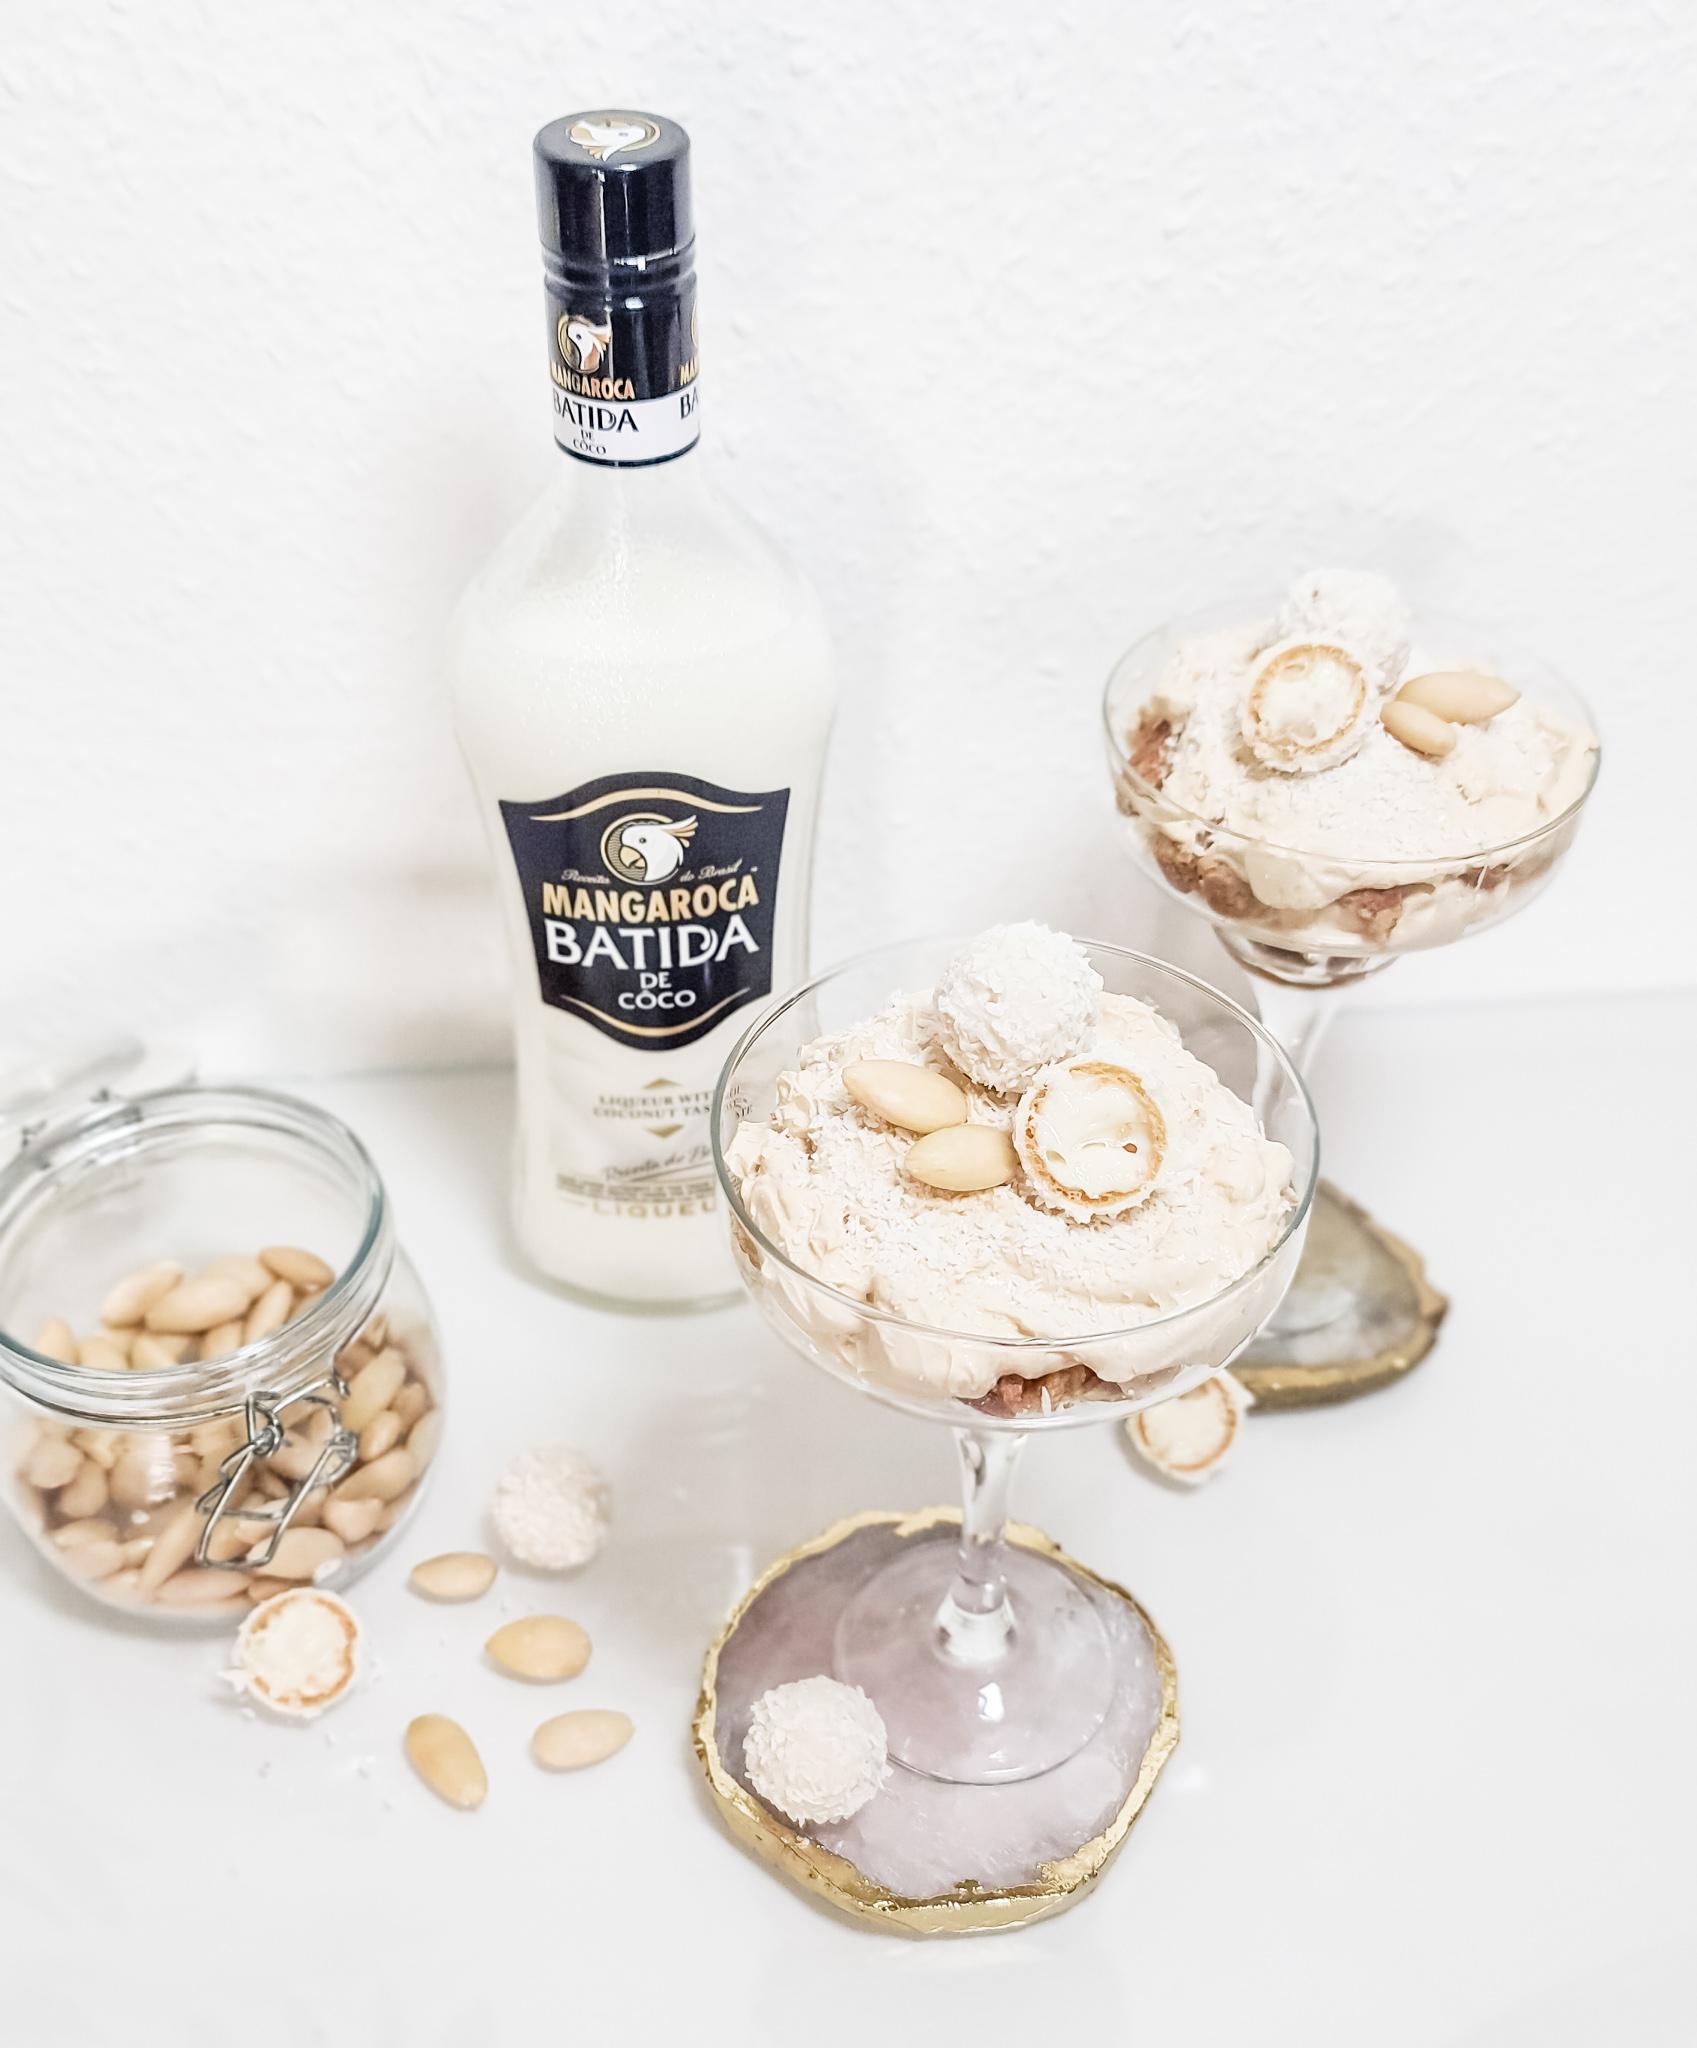 Drink des Monats - Batida de Coco Cheesecake im Glas